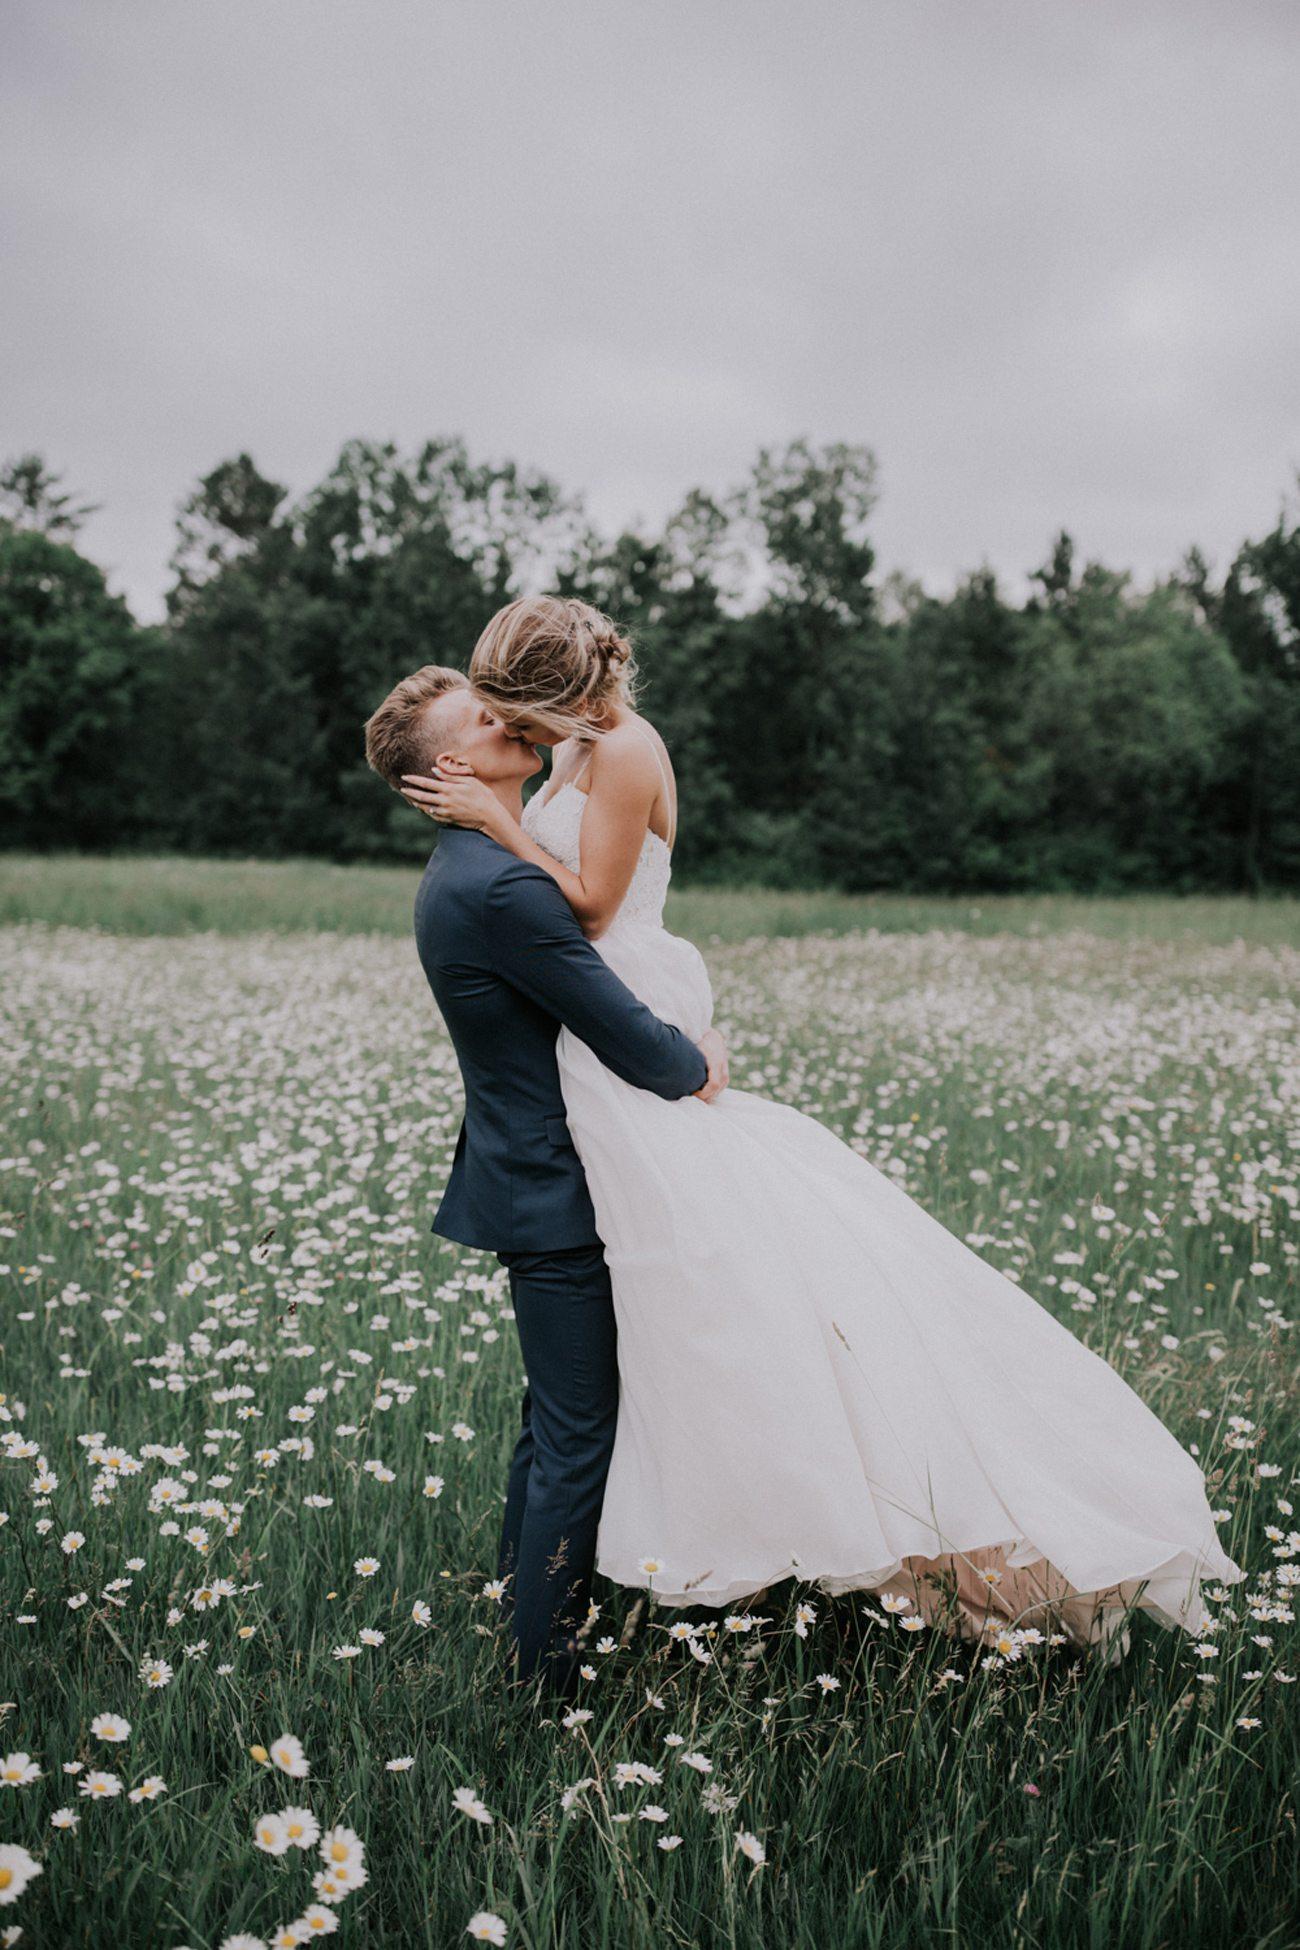 288-victoria-wedding-photographer